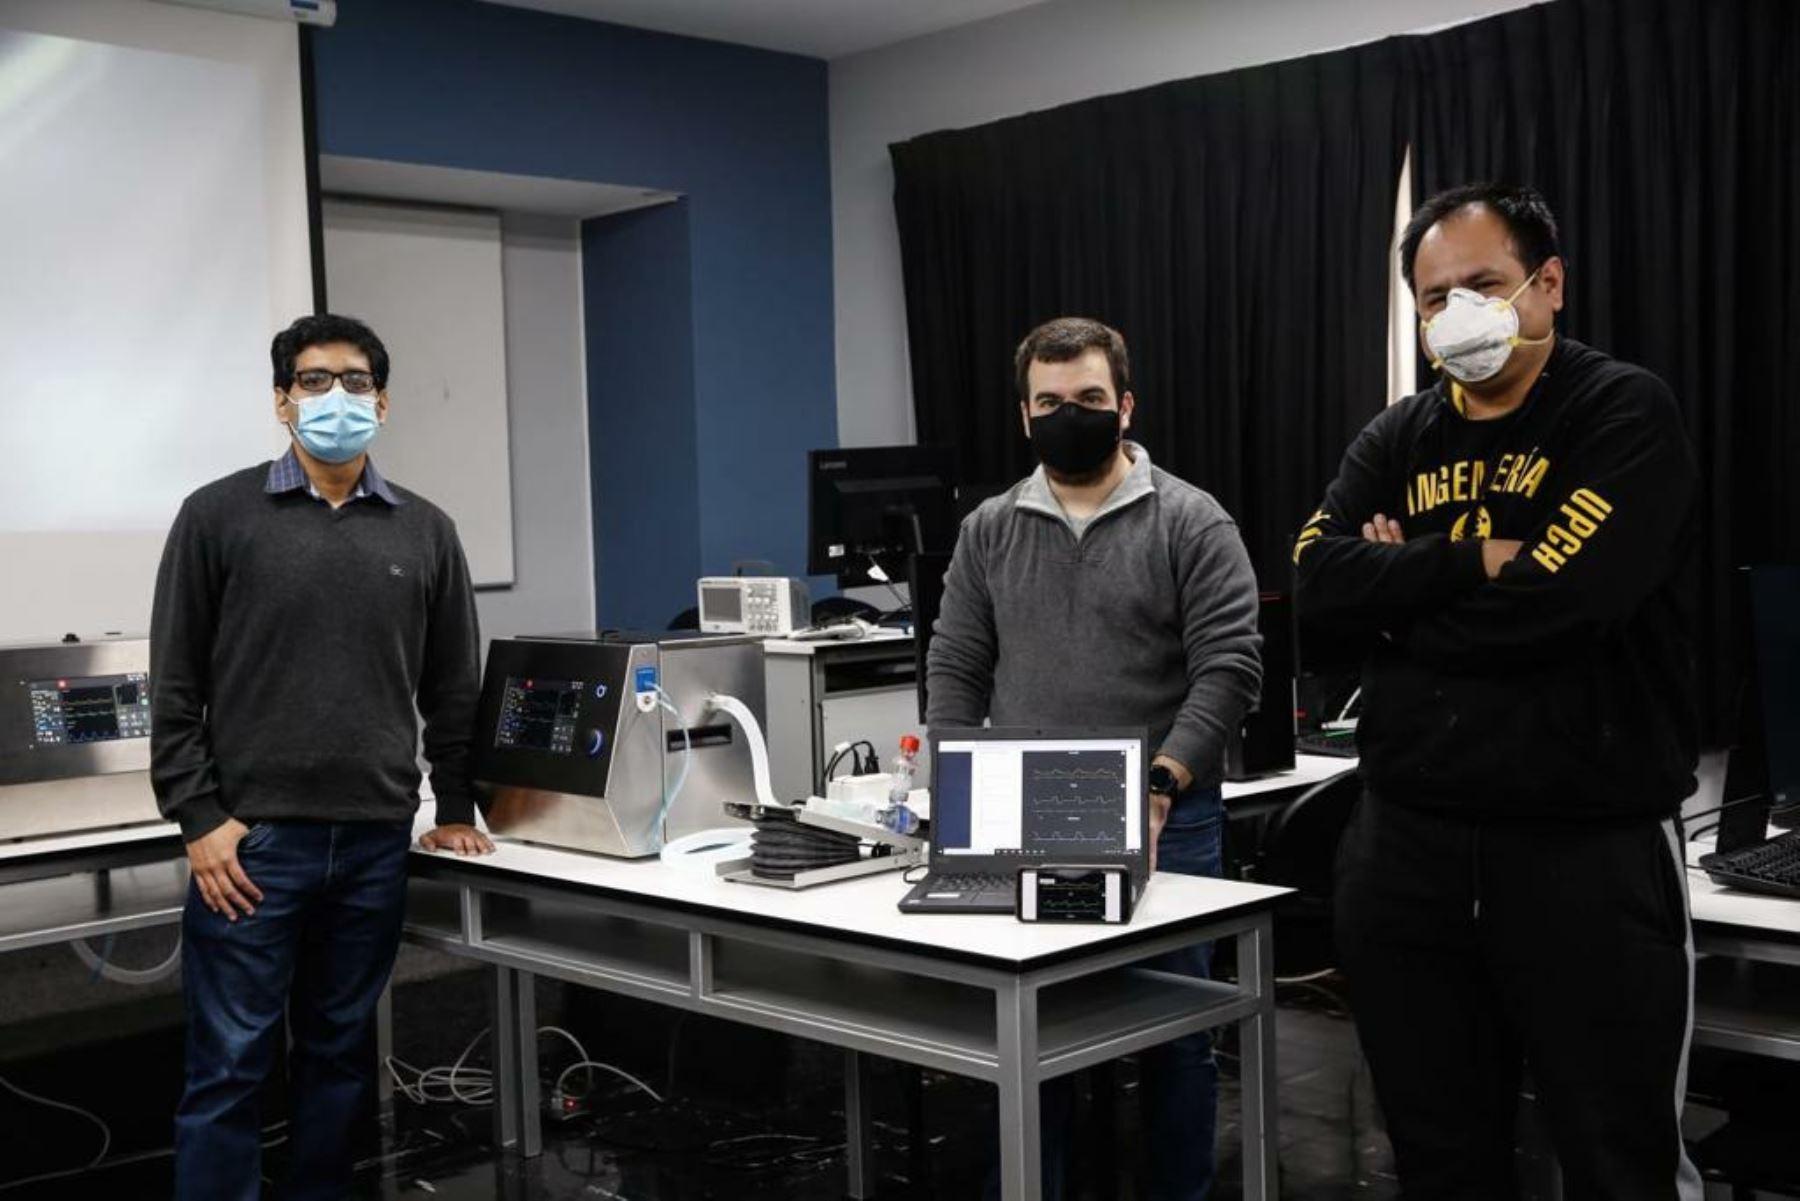 Estos equipos podrán ser monitoreados -a distancia- por los médicos, quienes podrán evaluar  a sus pacientes, a través de un celular, tablet o laptop.